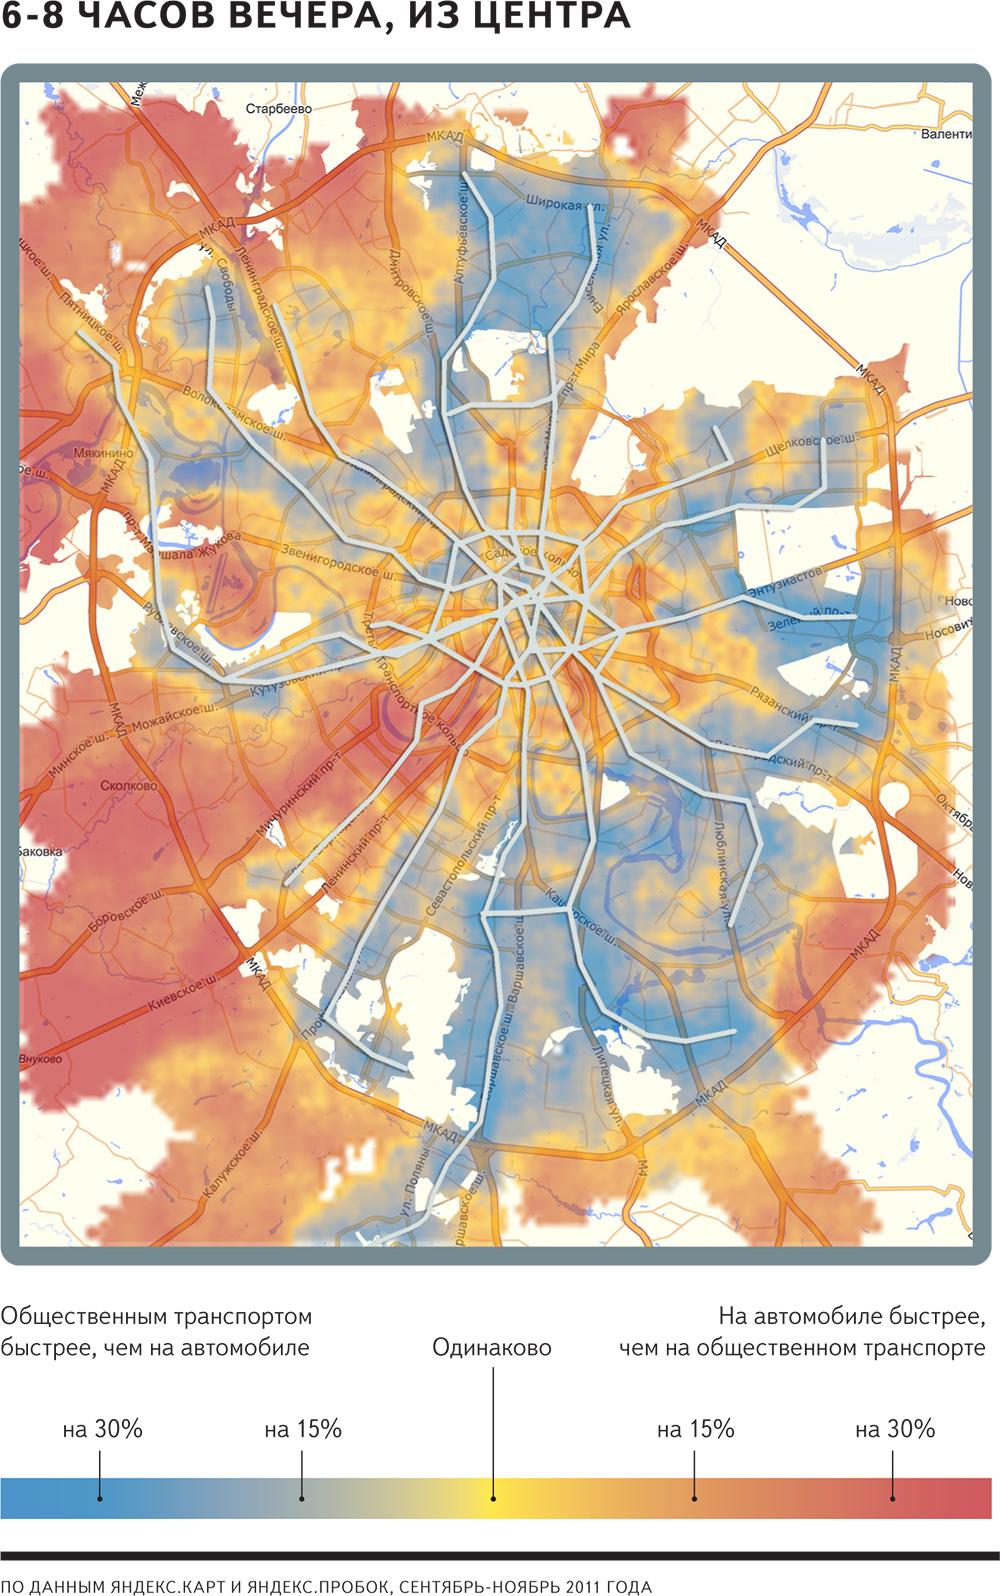 схема движения общественным транспортом из центра: 6-8 часов вечера